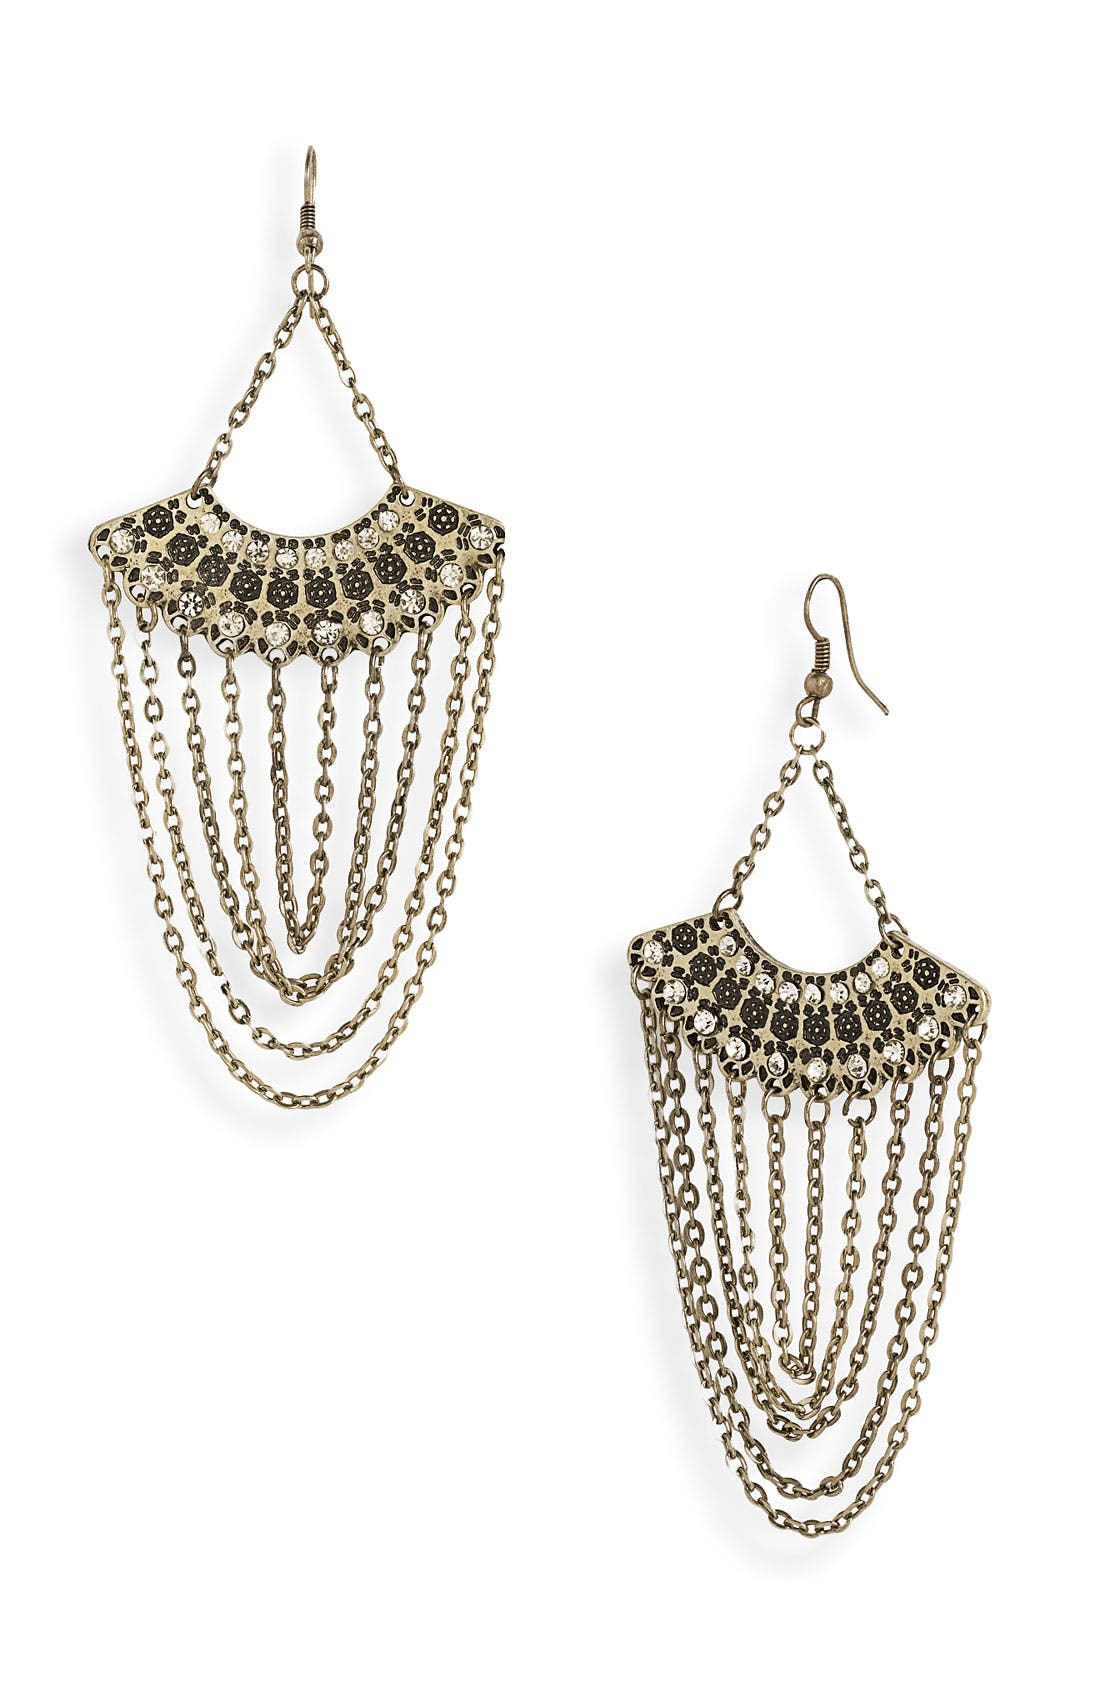 Alternate Image 1 Selected - Stephan & Co. Fan & Chain Earrings